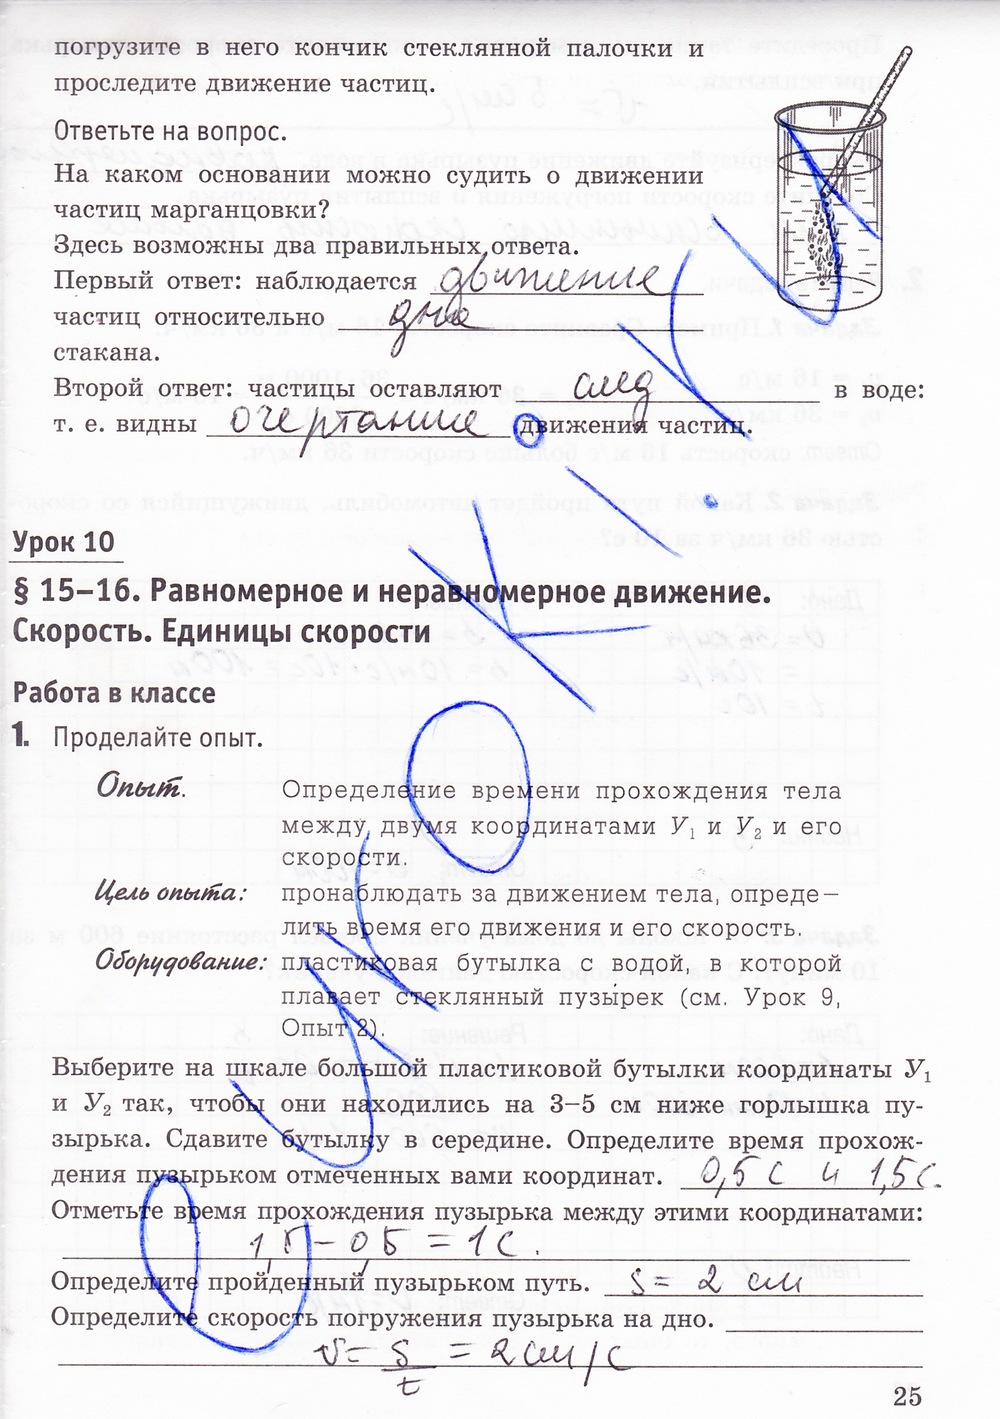 Рабочая тетрадь по физике р.д. миньковой гдз